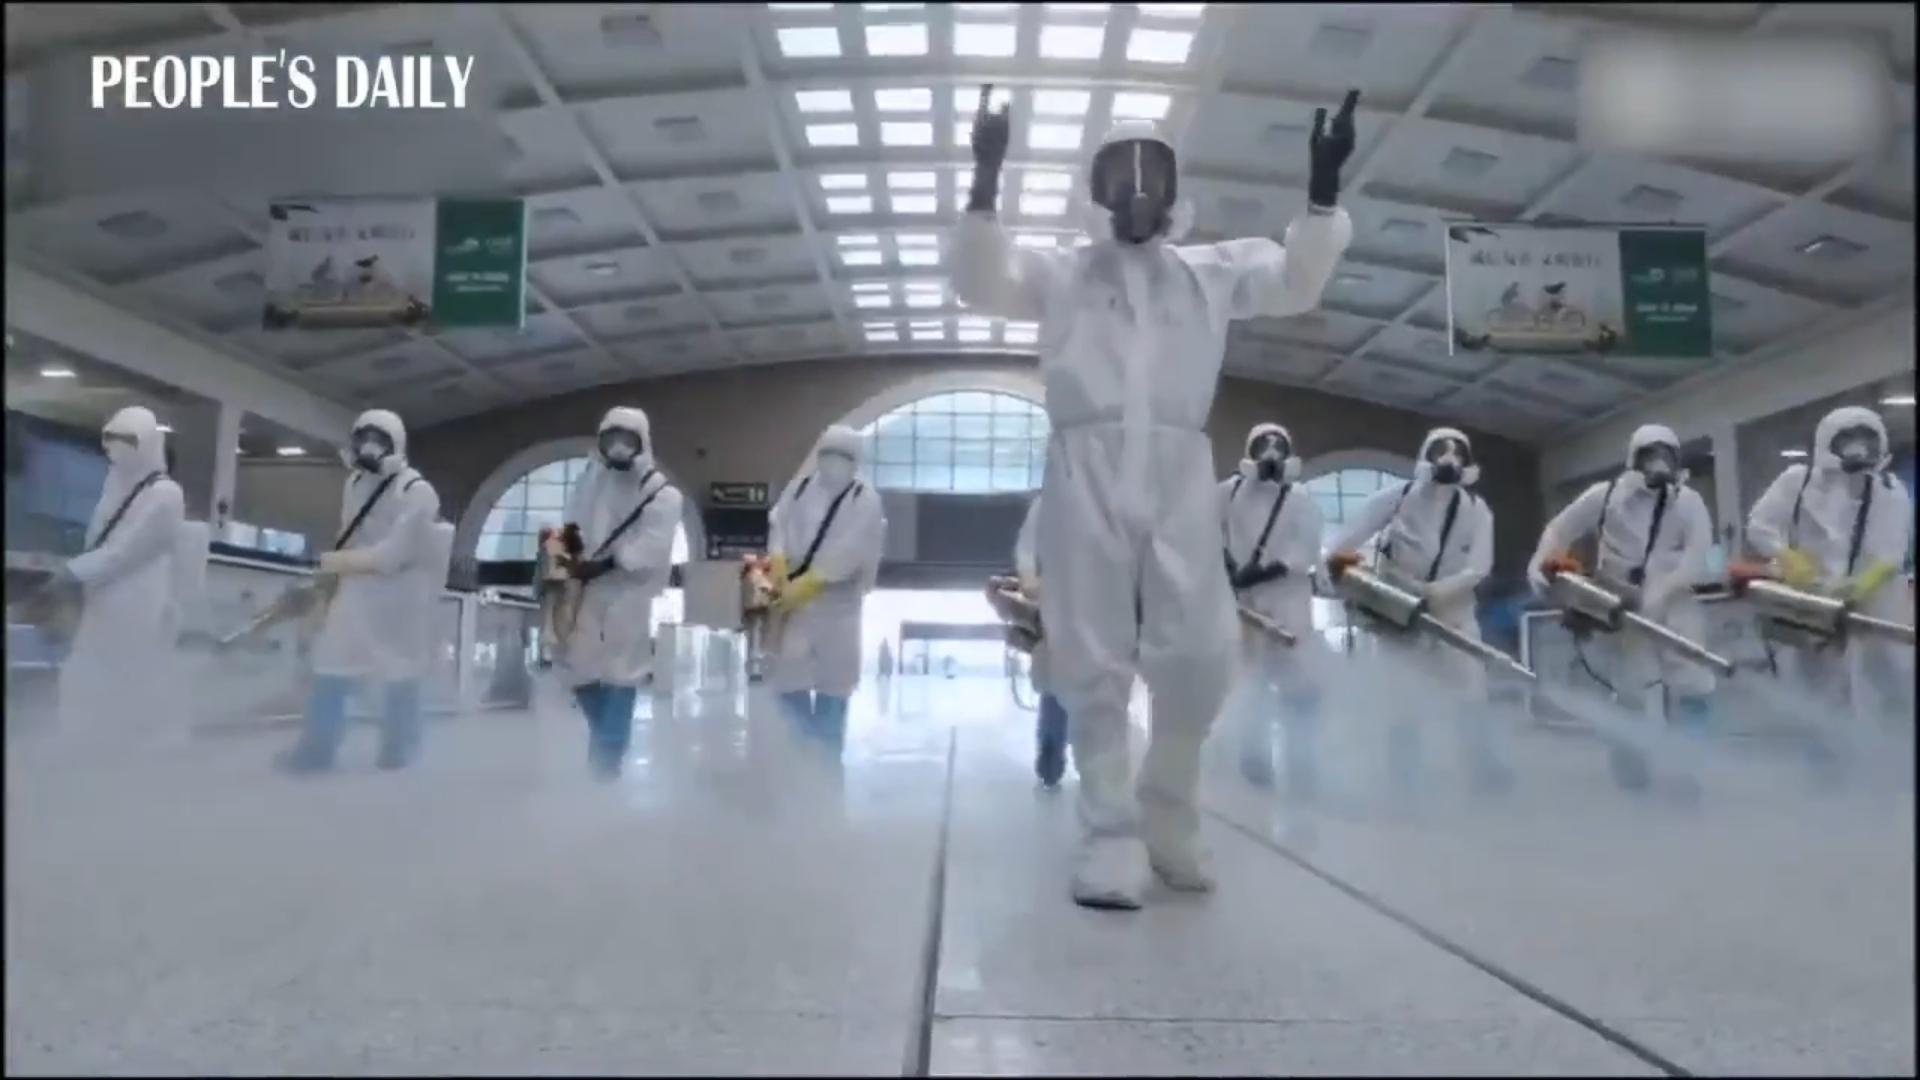 Последняя дезинфекция железнодорожного вокзала г.Ухань от коронавируса перед открытием после 58 дней блокирования